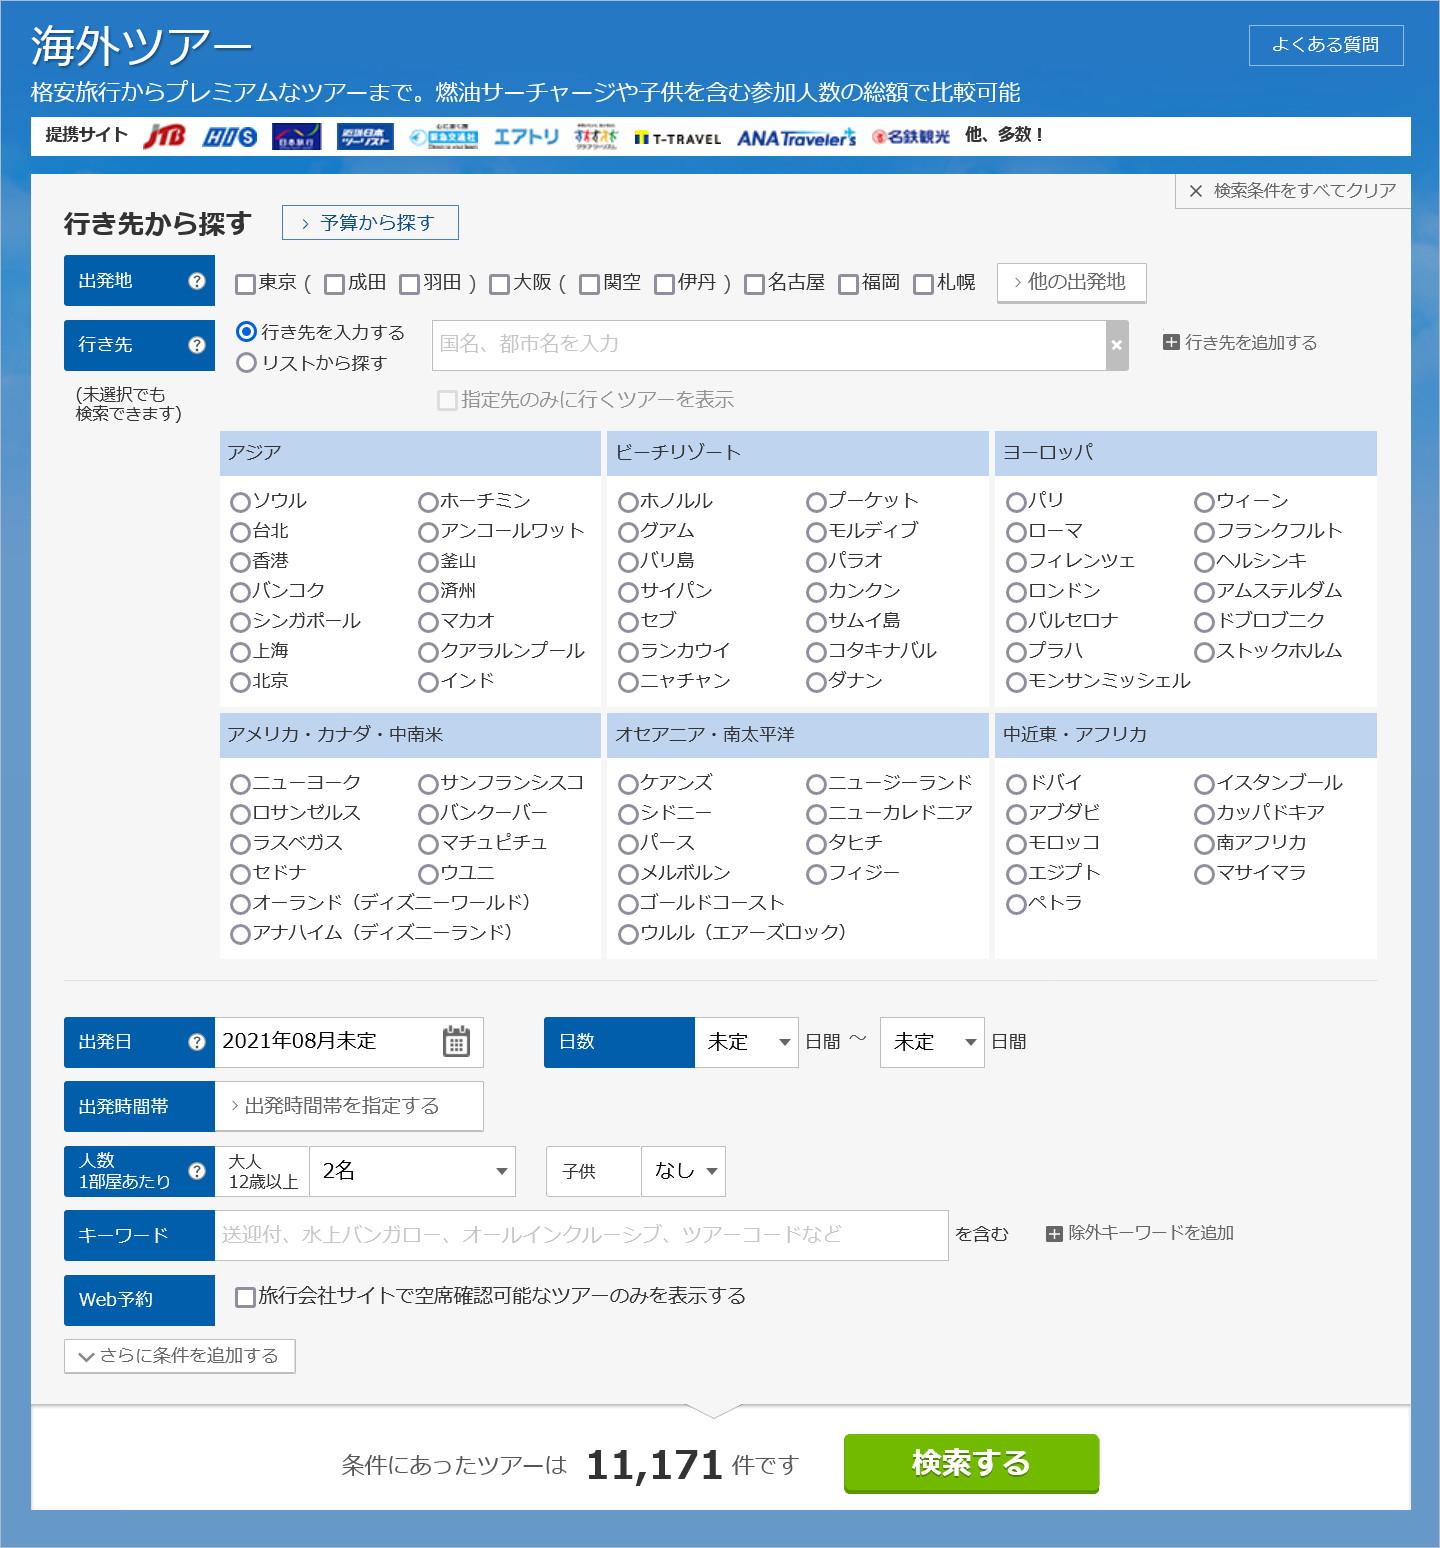 トラベルコのパッケージツアー検索画面